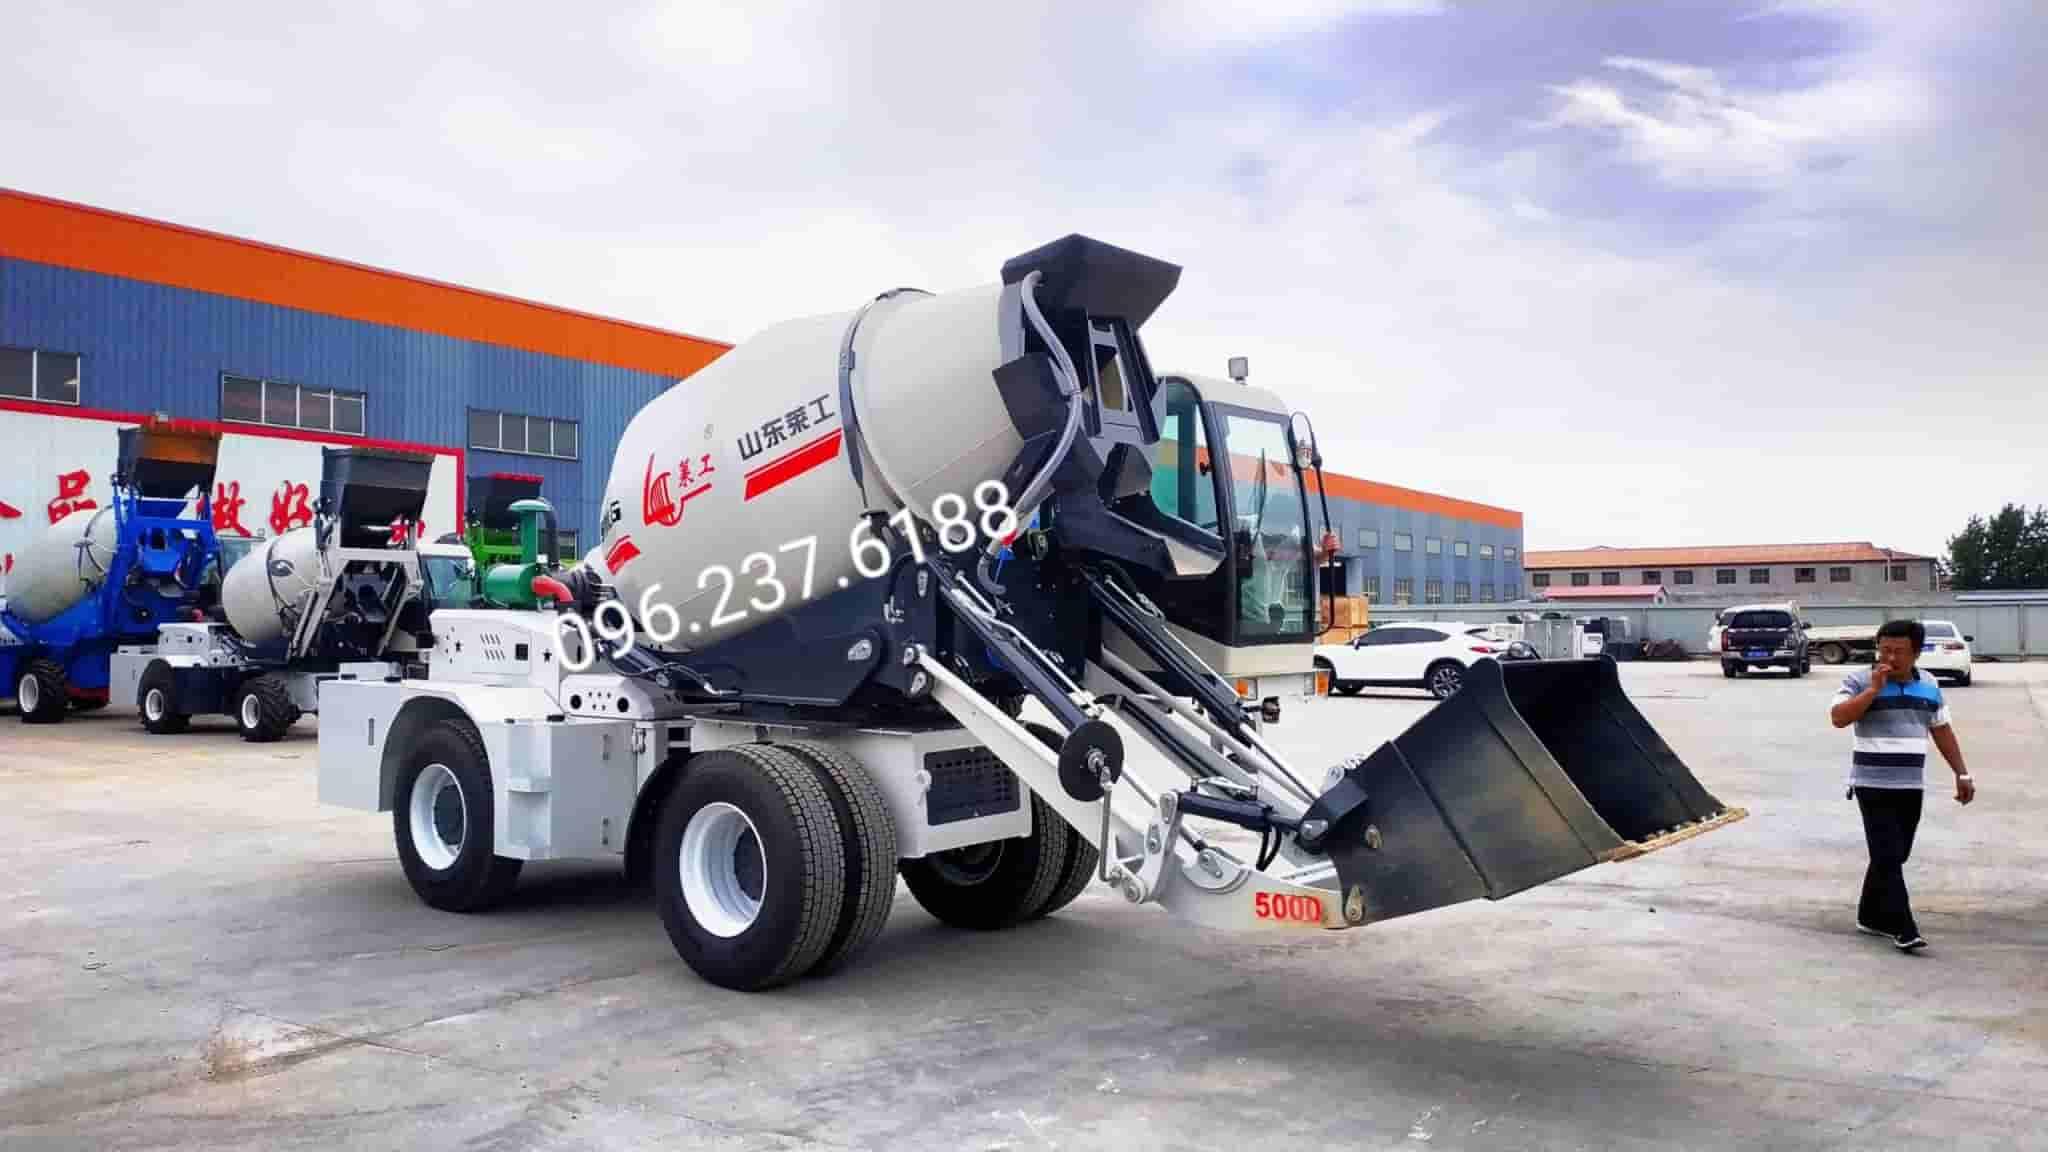 Xe trộn bê tông tự nạp liệu 5m3 Laigong H30